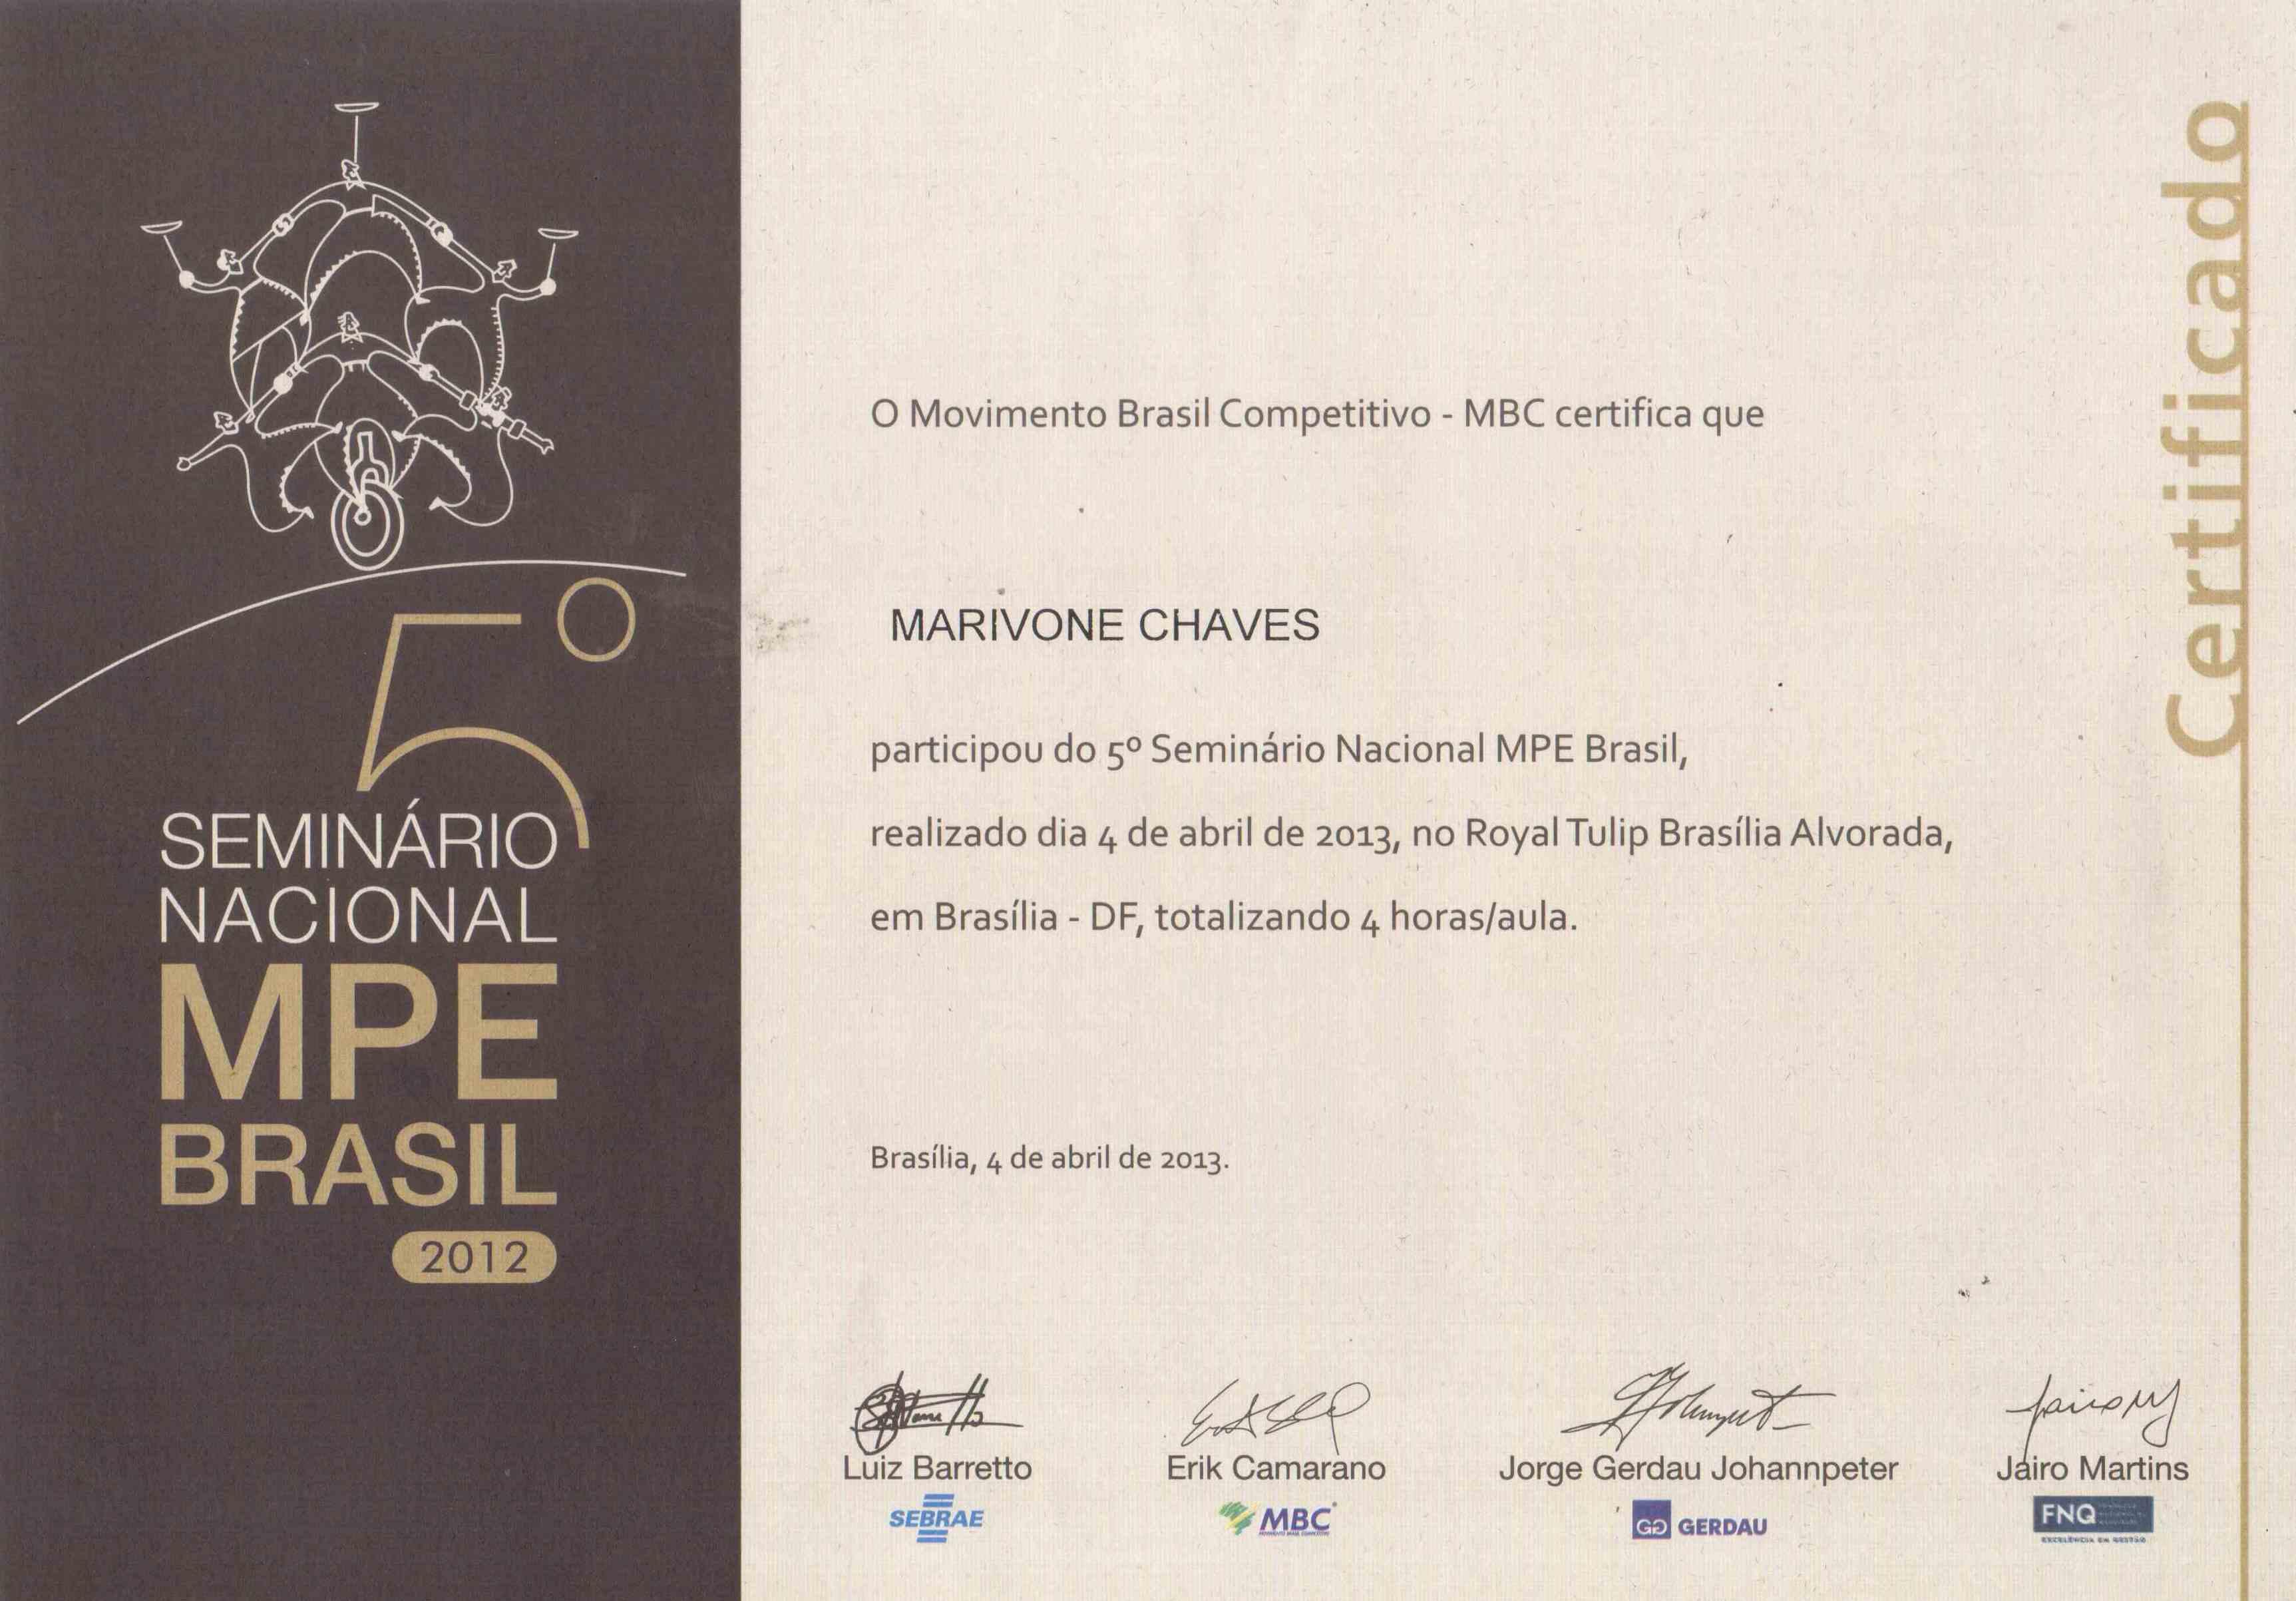 5º Seminário Nacional MPE Brasil